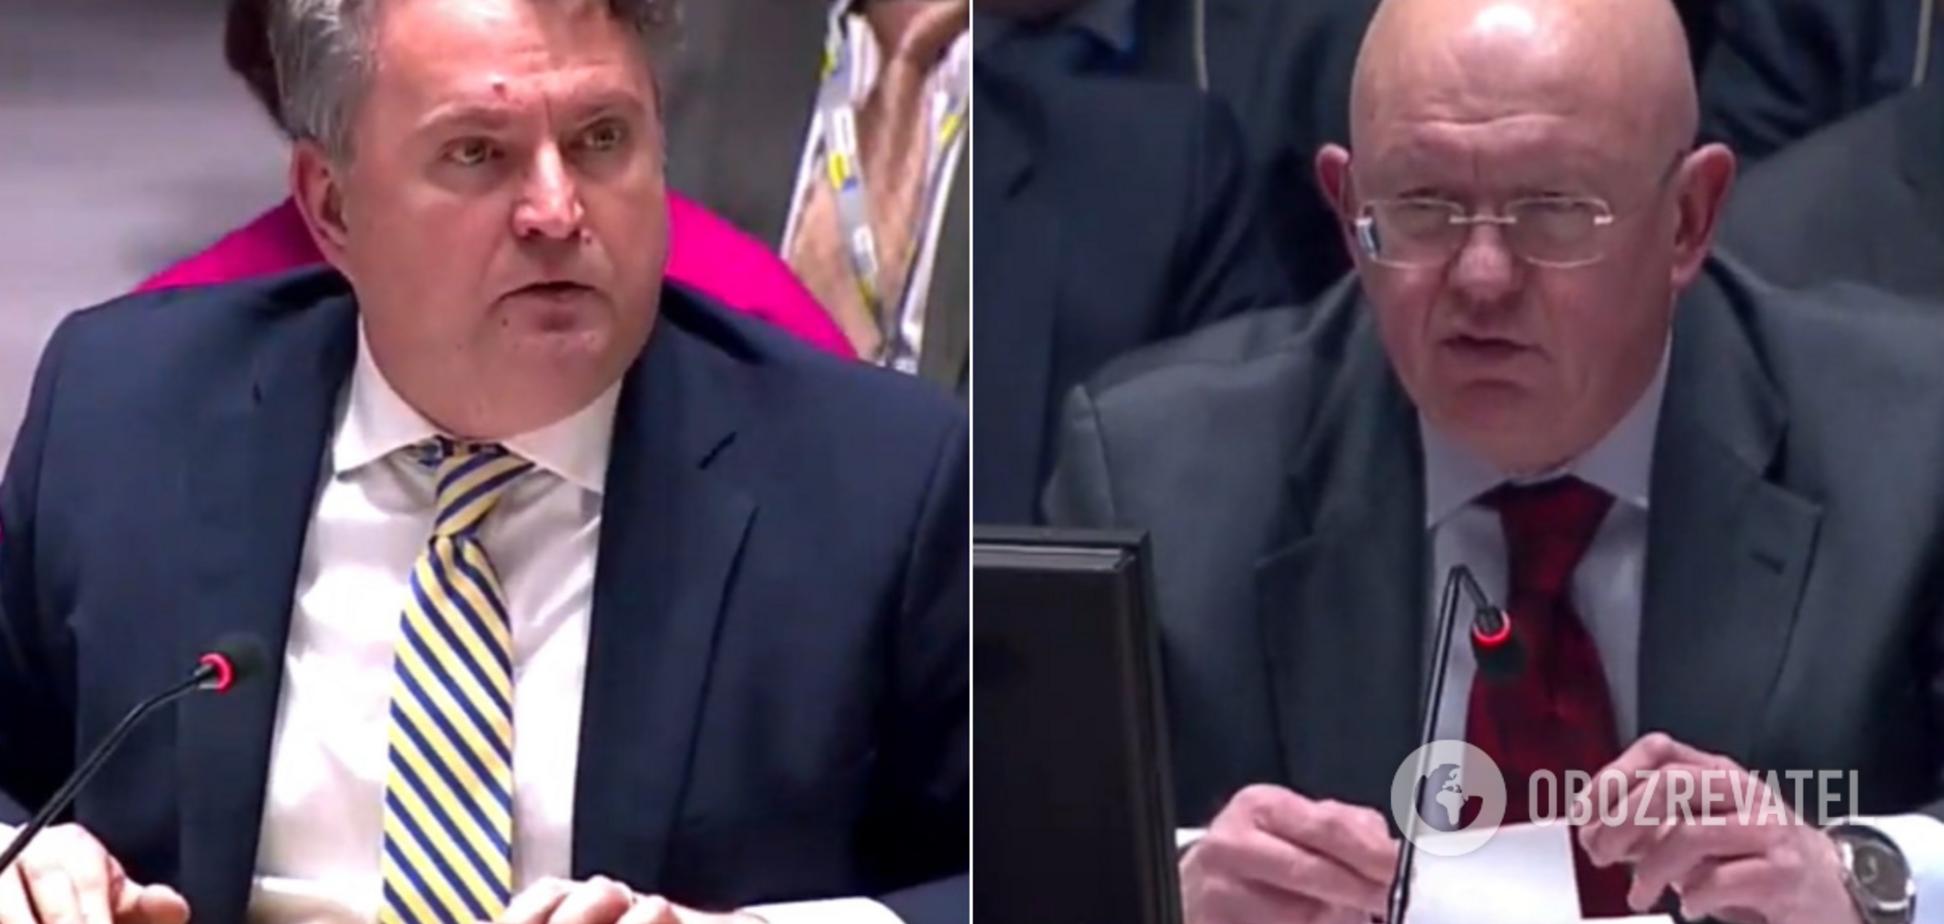 'Ми повинні це слухати?' Кислиця зловив на брехні дипломата Путіна на Радбезі ООН: відео